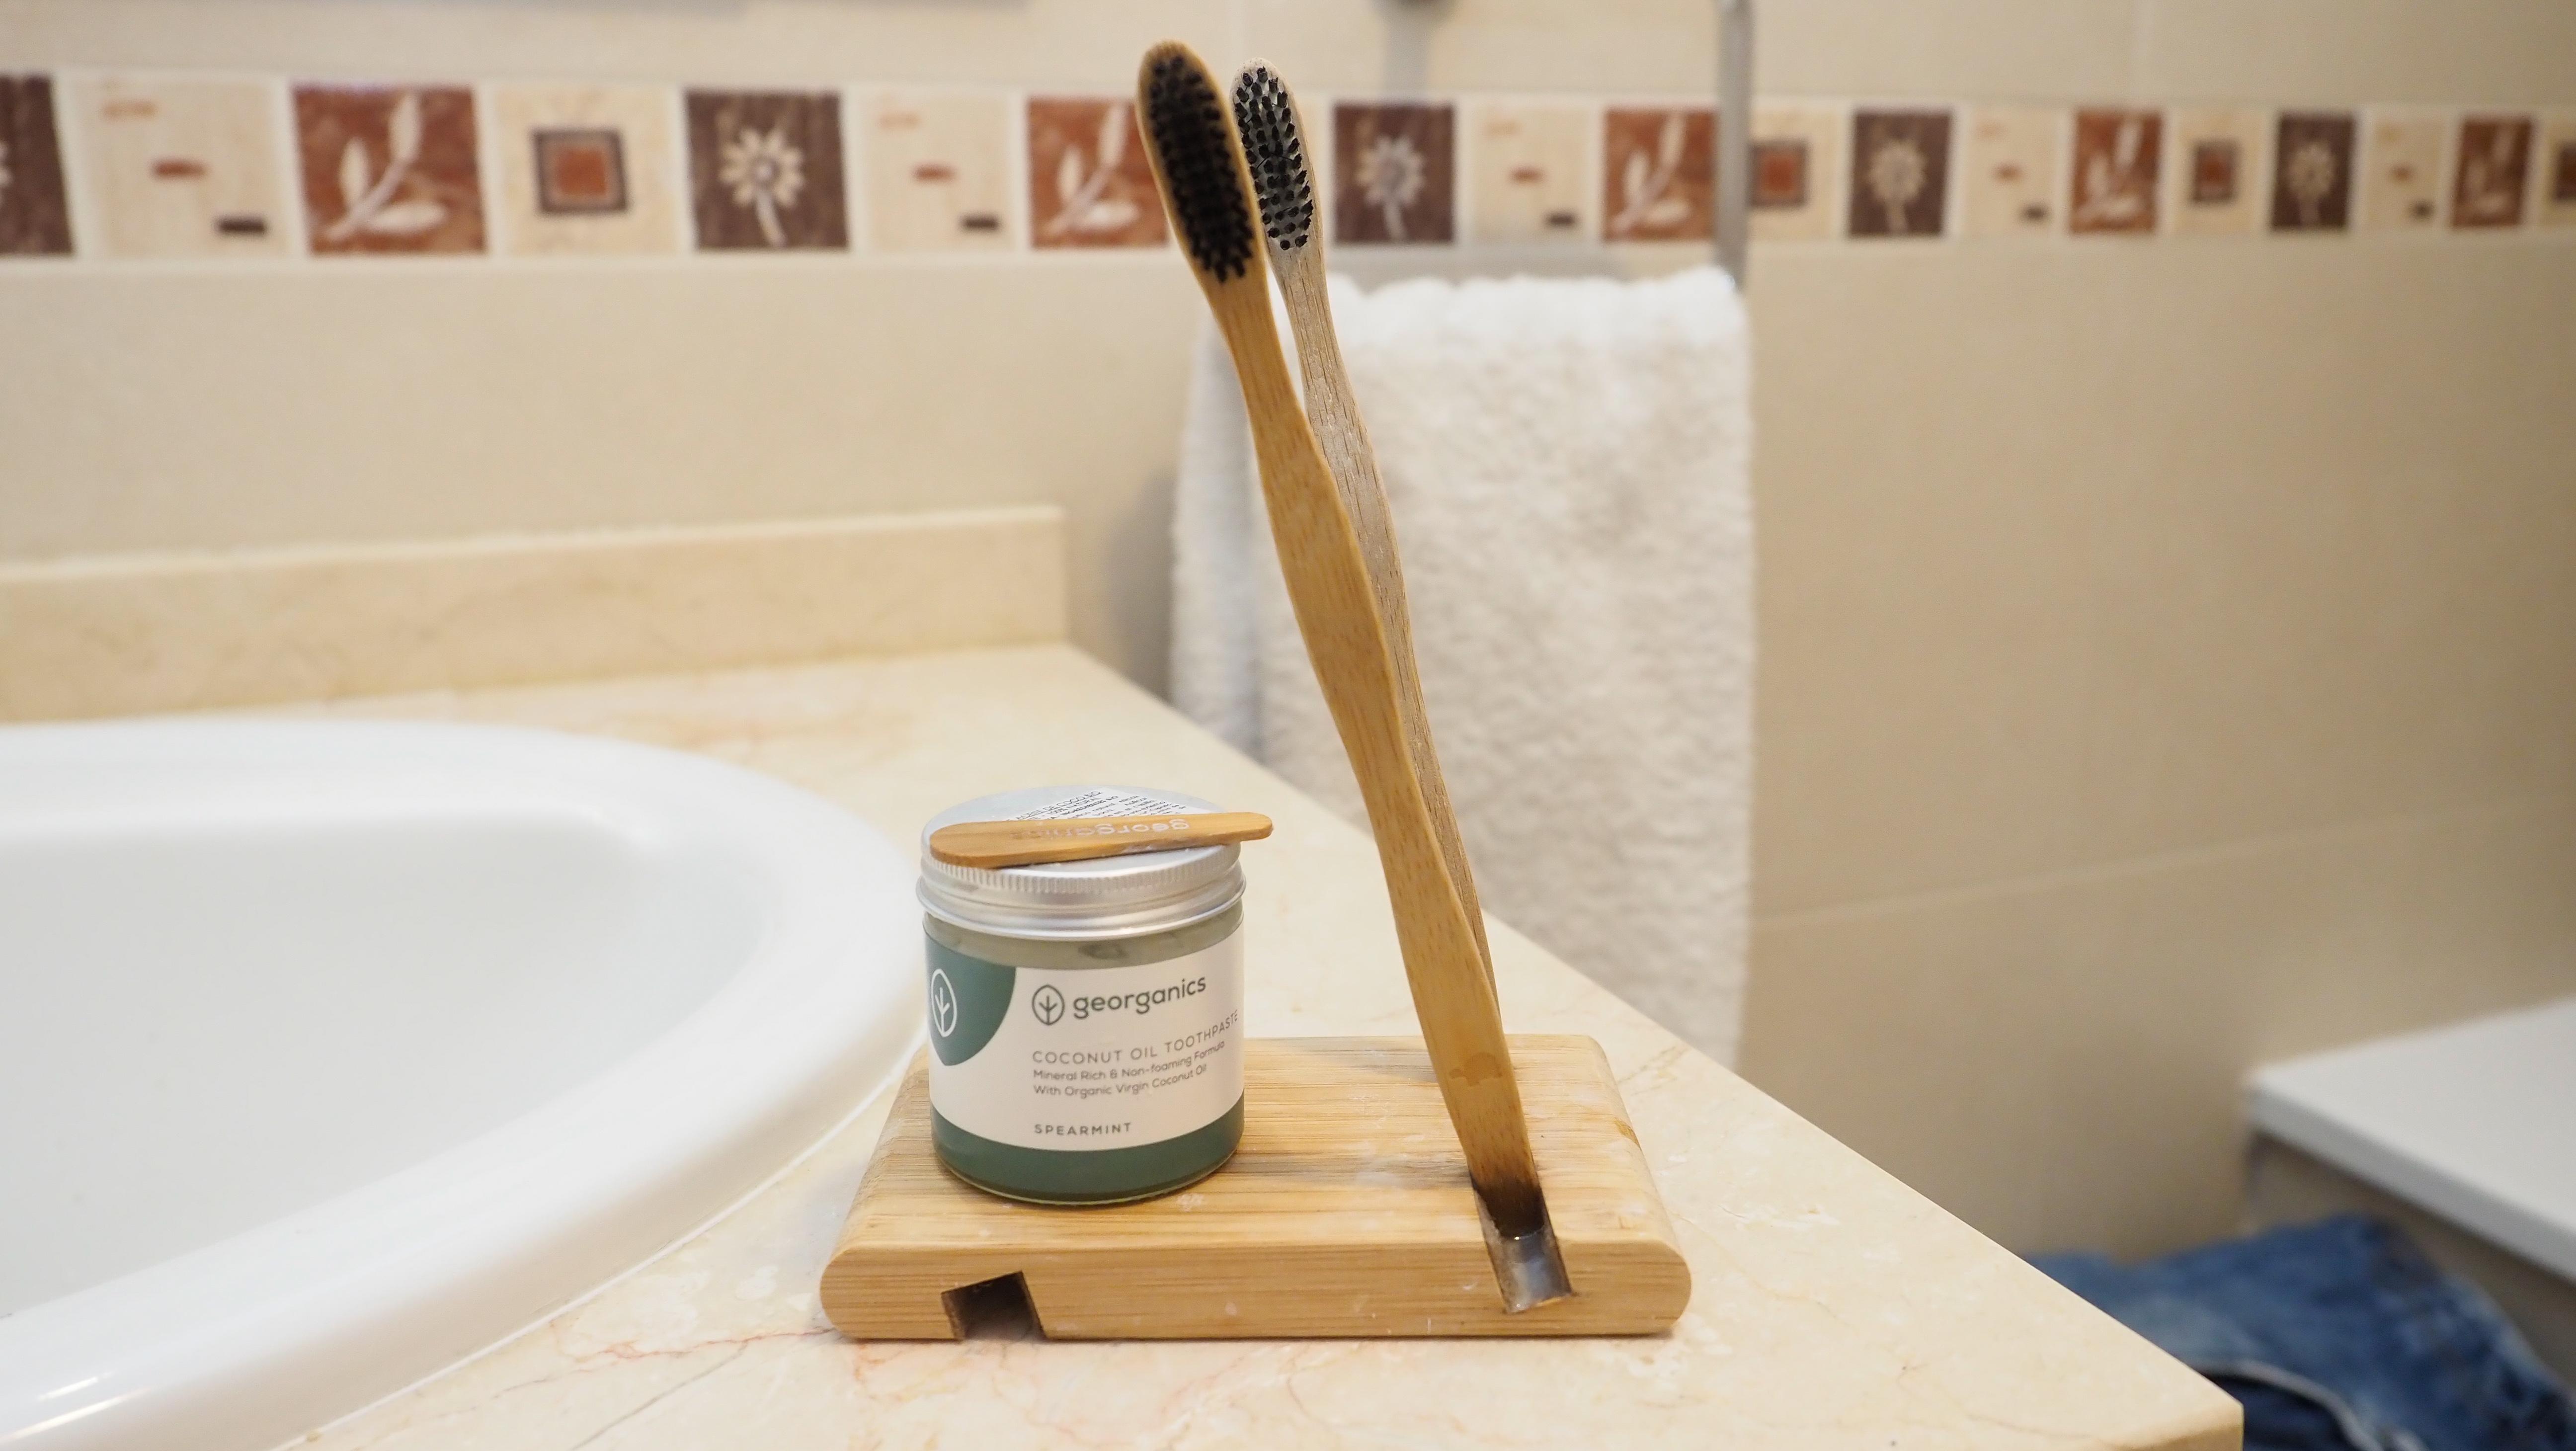 cepillos de bambú y crema de dientes ecologica